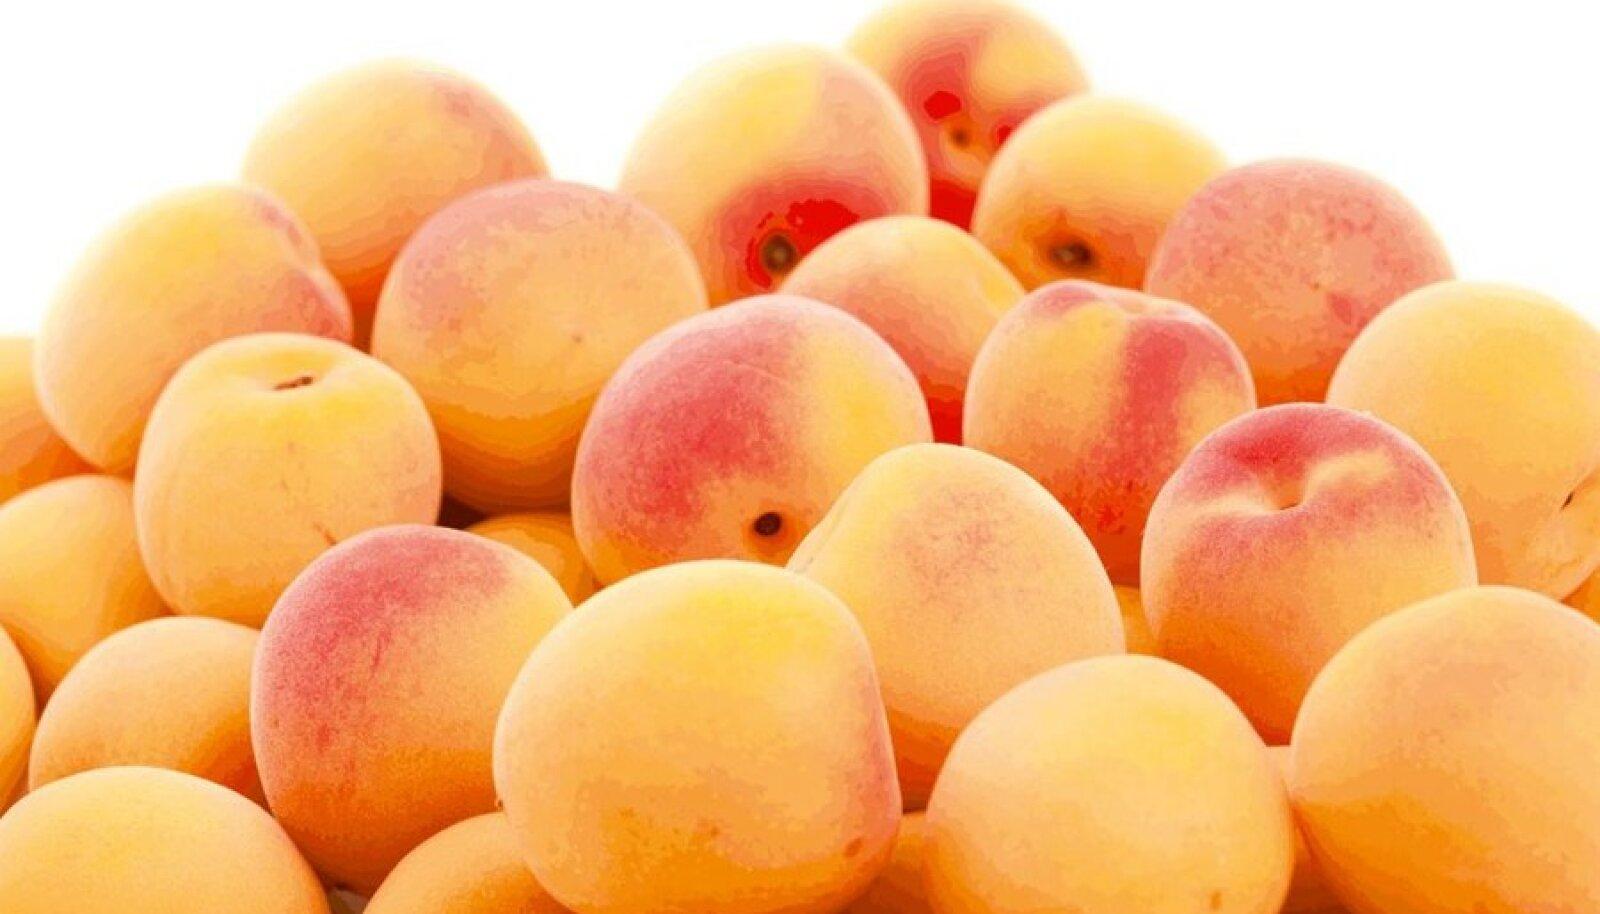 Ka aprikoosi kivid  sisaldavad nii kasulikke kui ohtlikke aineid.